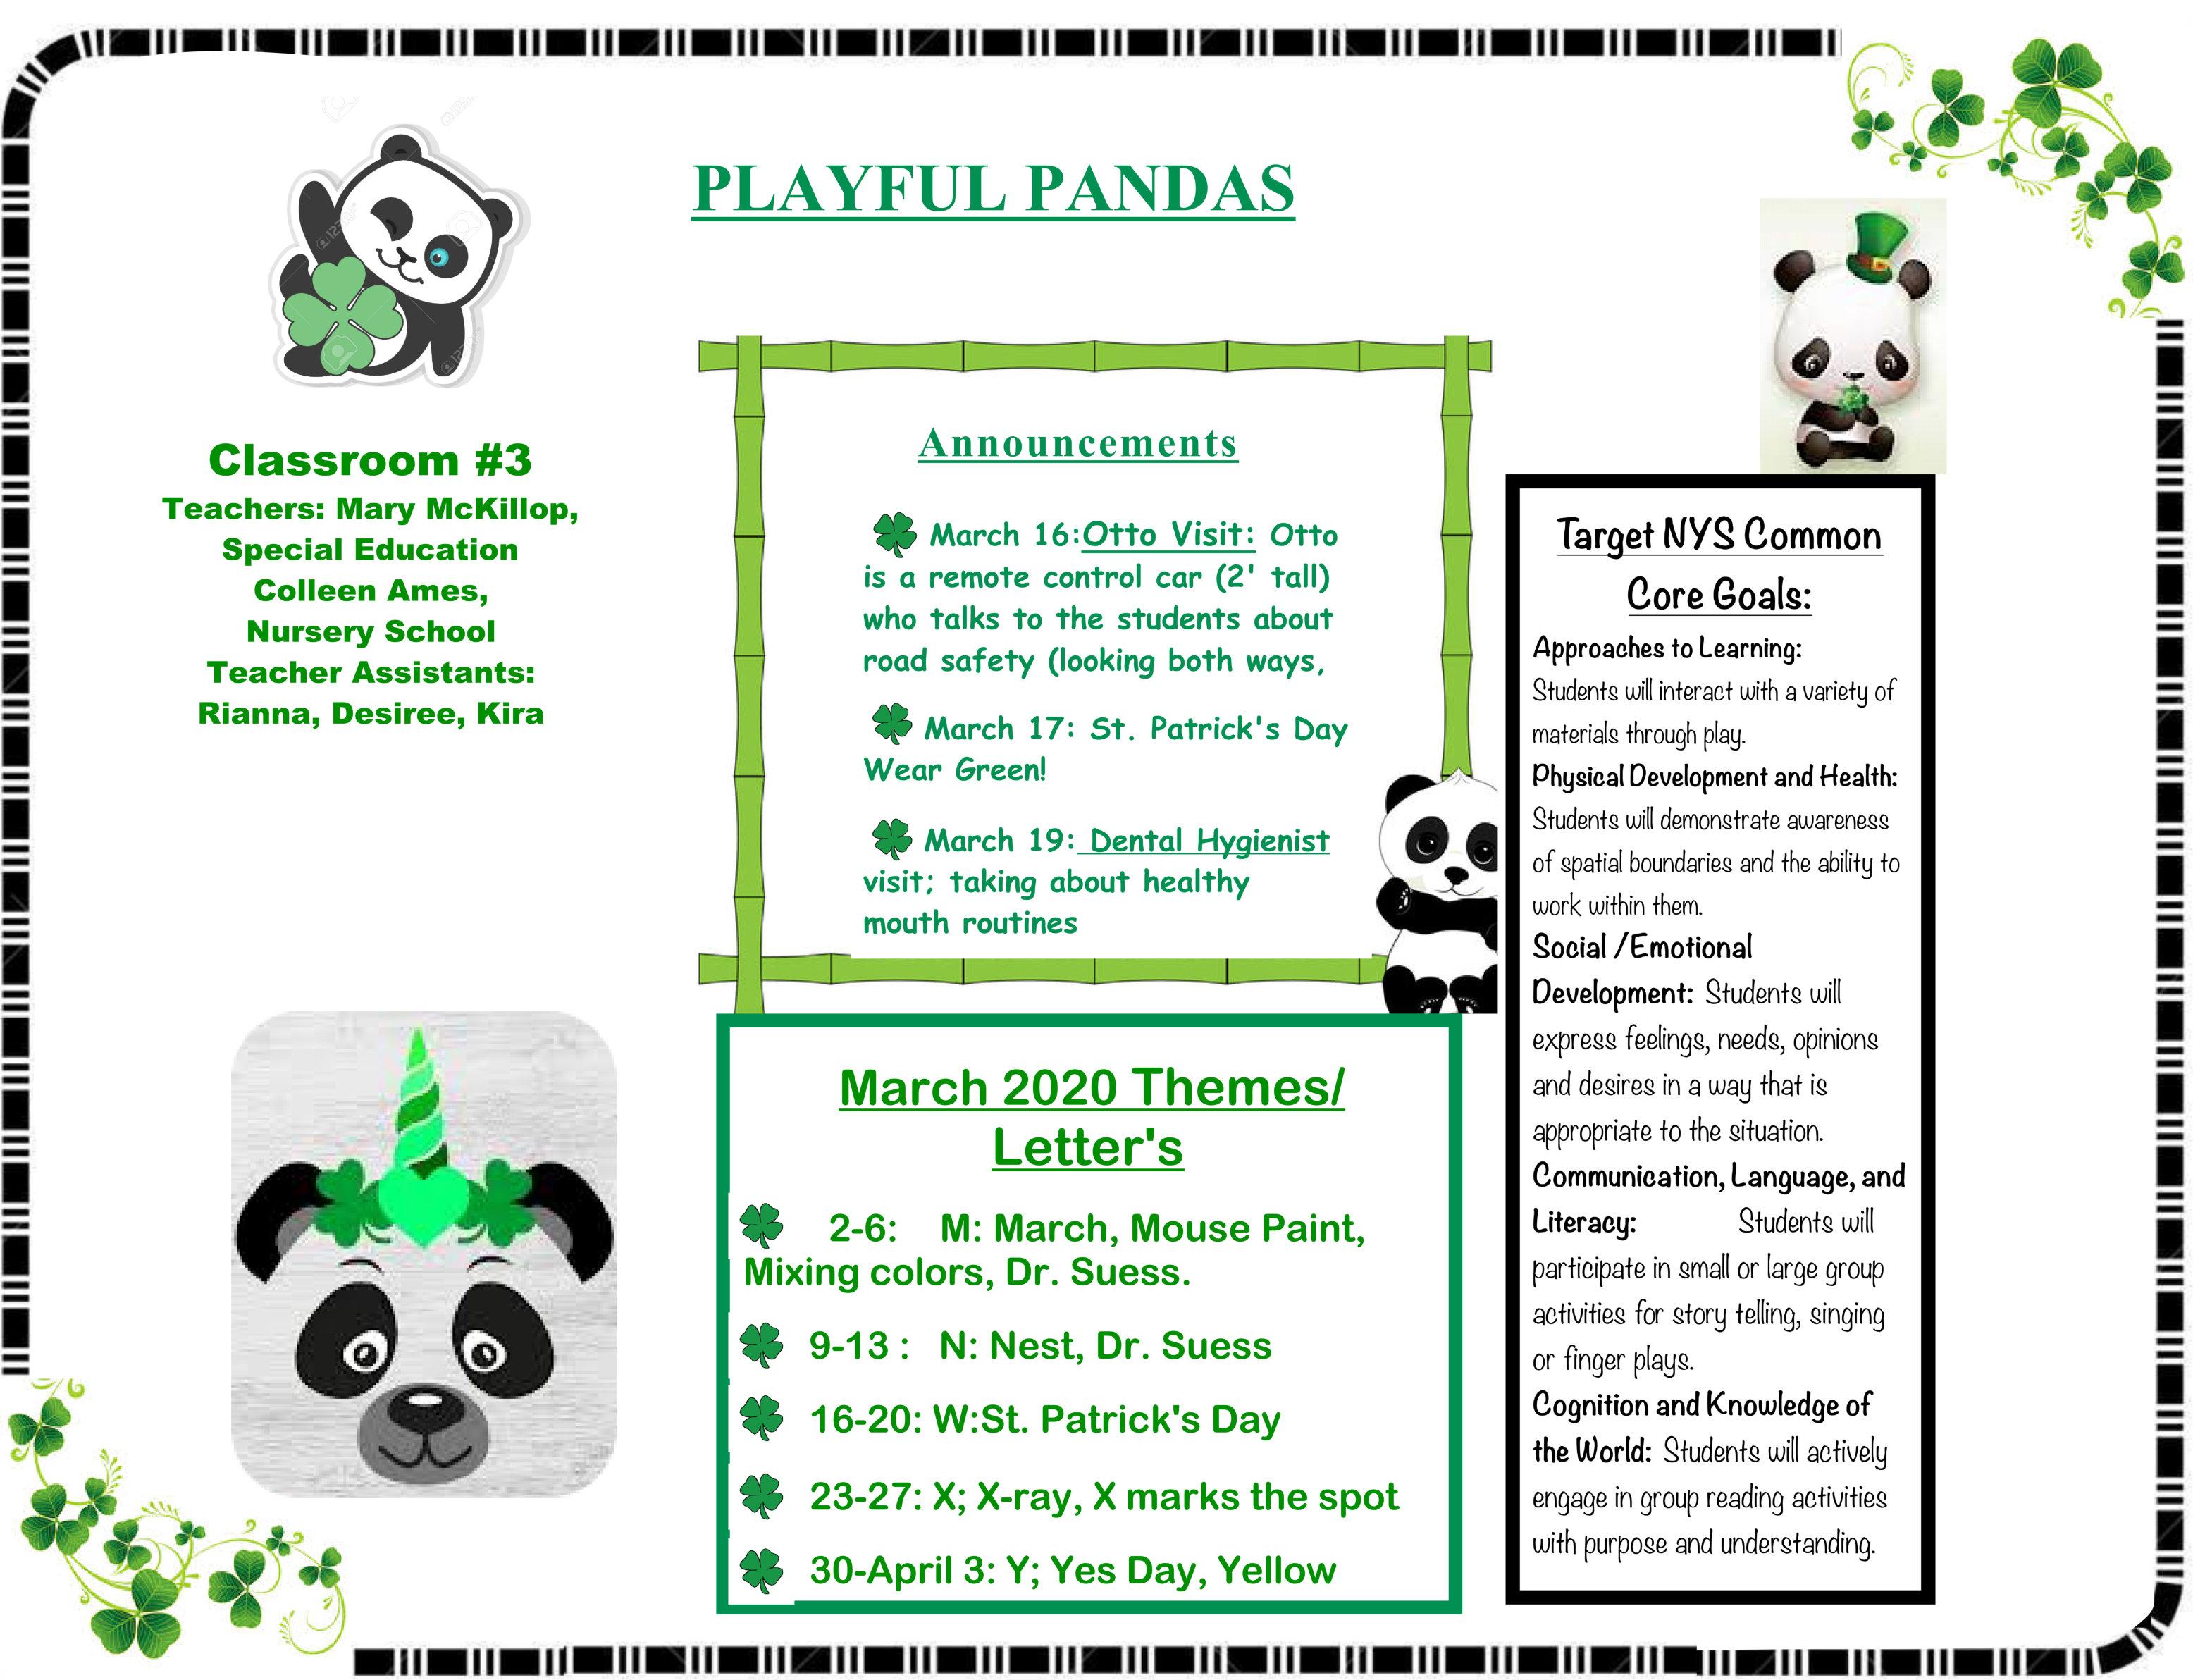 PLAYFUL PANDAS March calendar